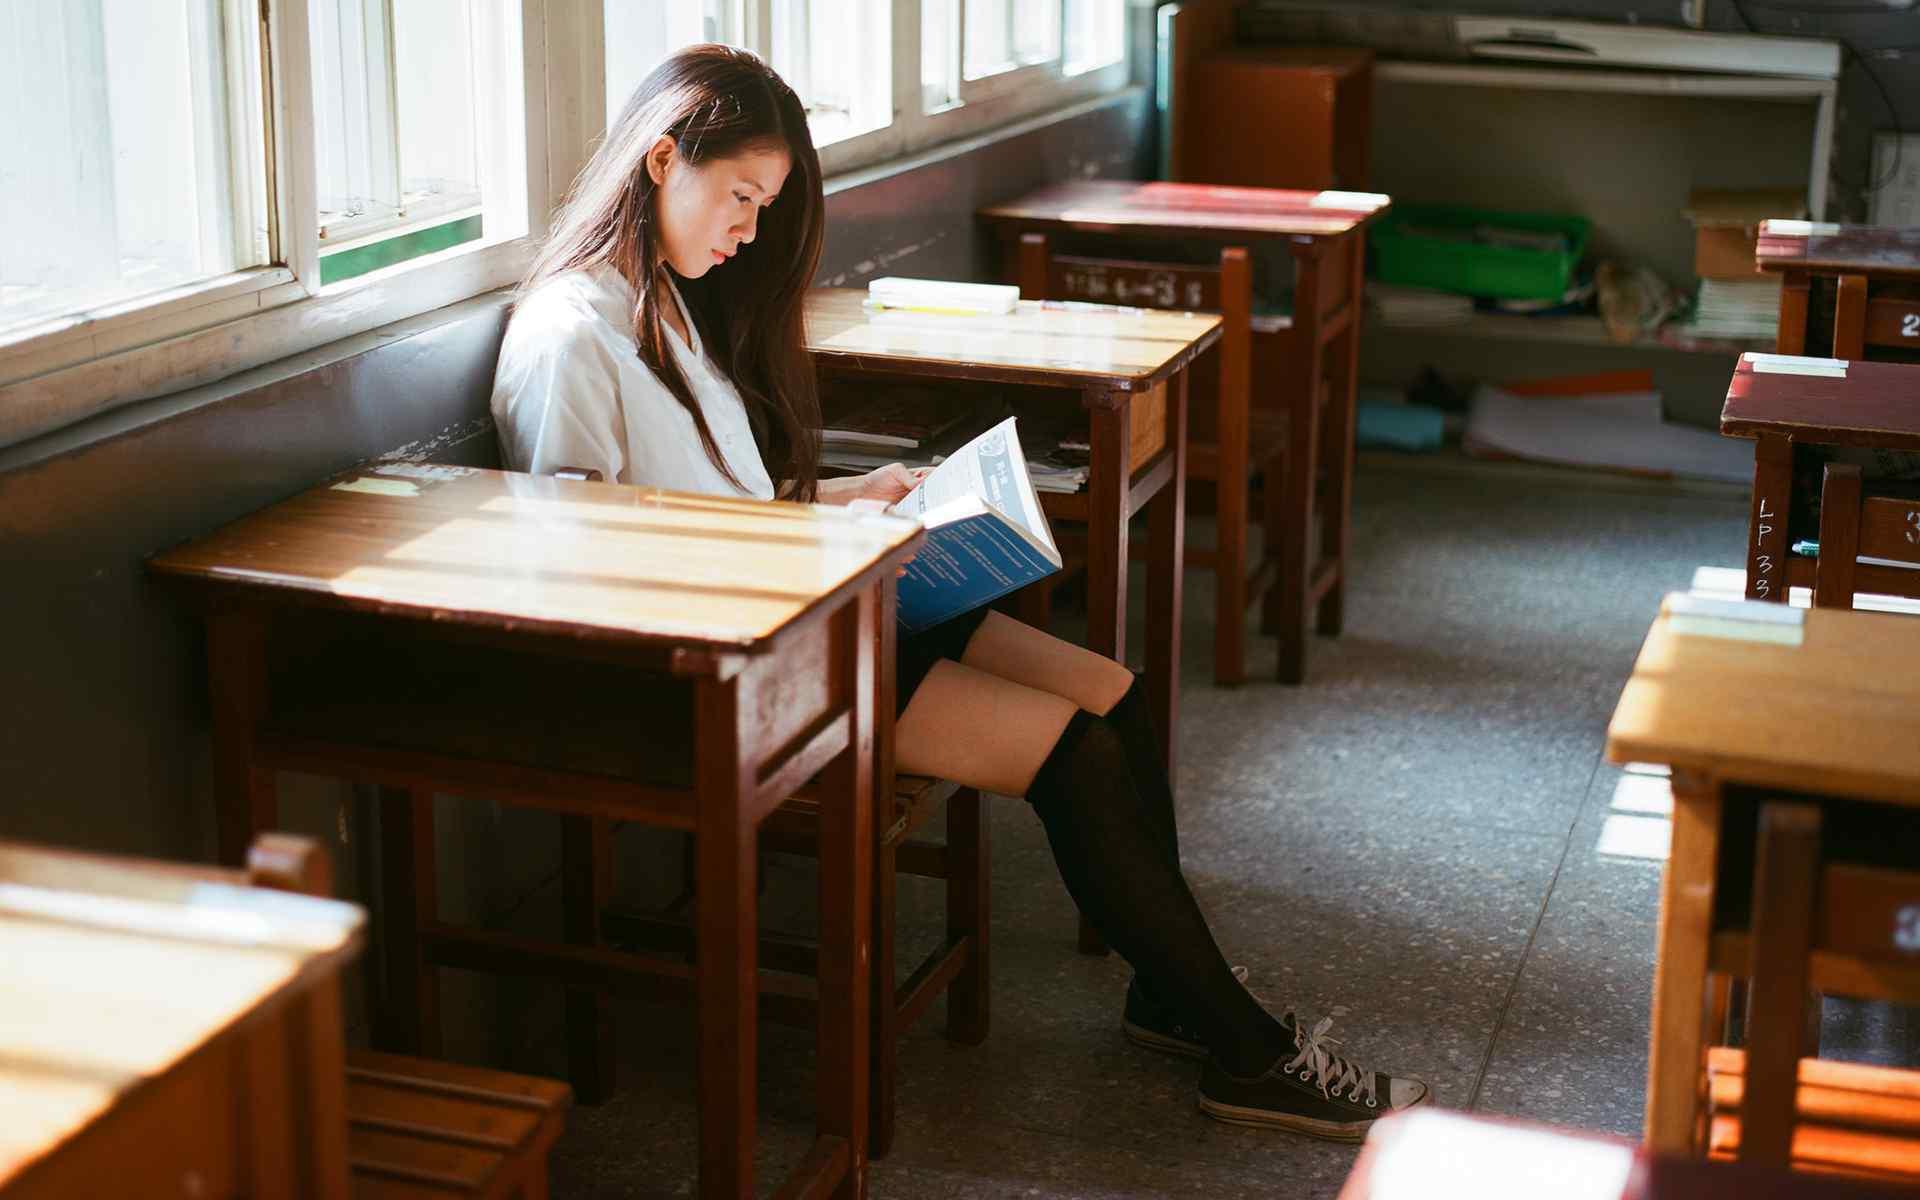 长发美女看书照片高清桌面壁纸